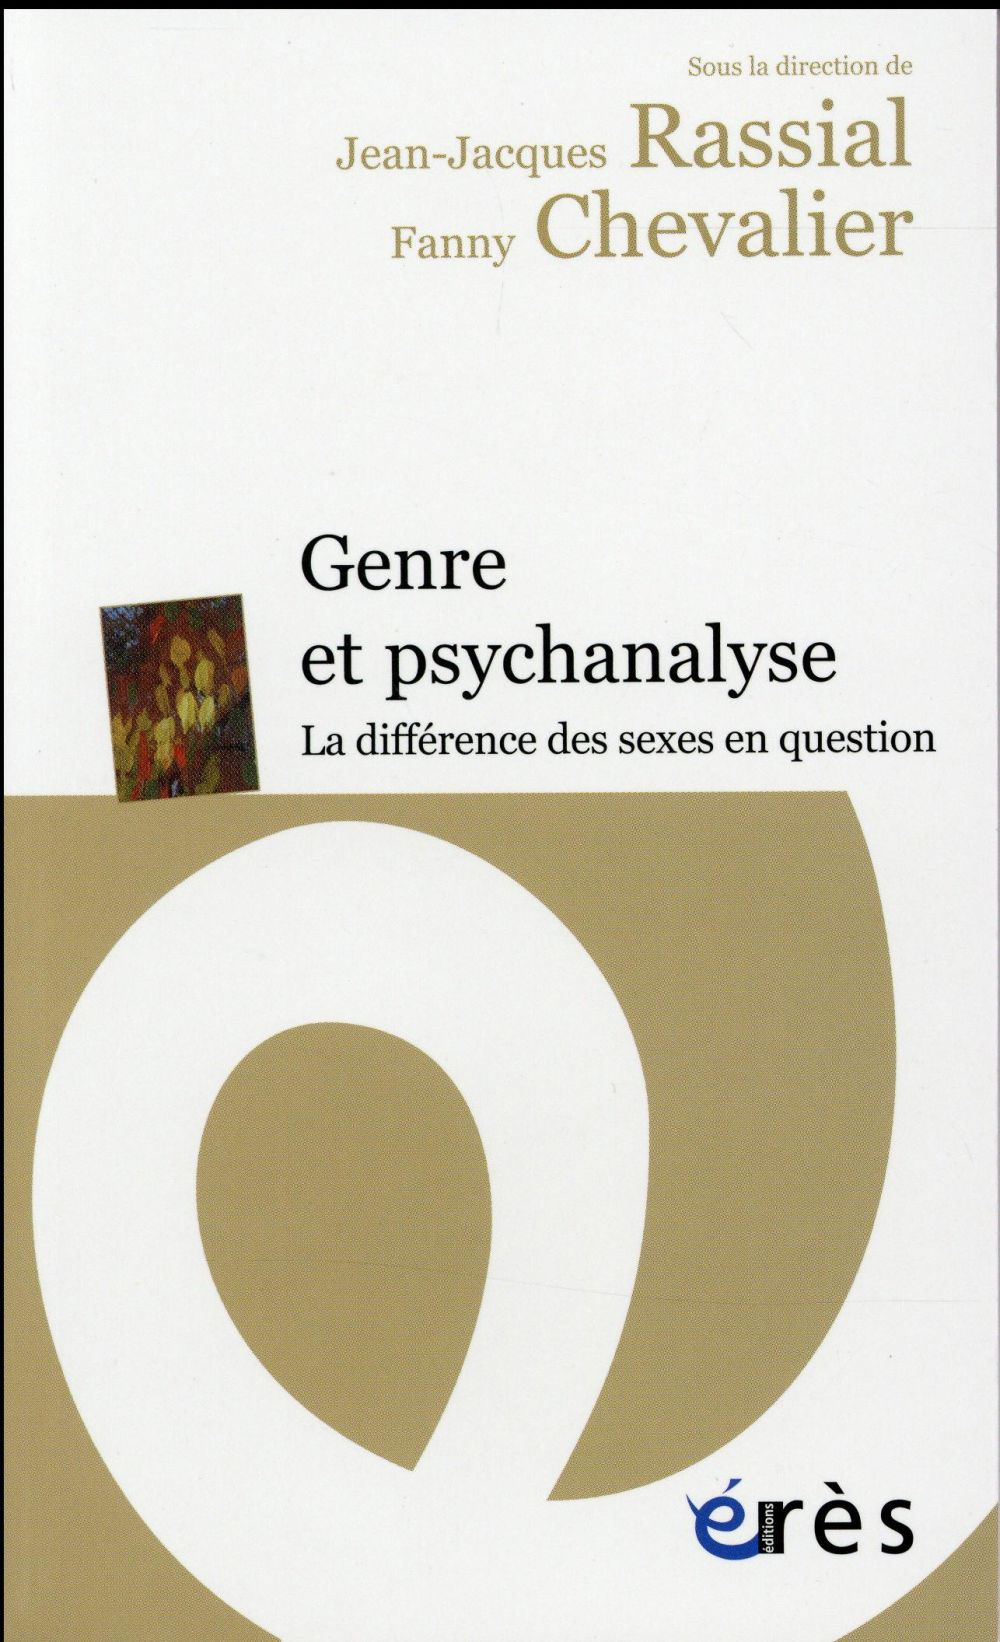 Genre et psychanalyse ; la différence des sexes en question